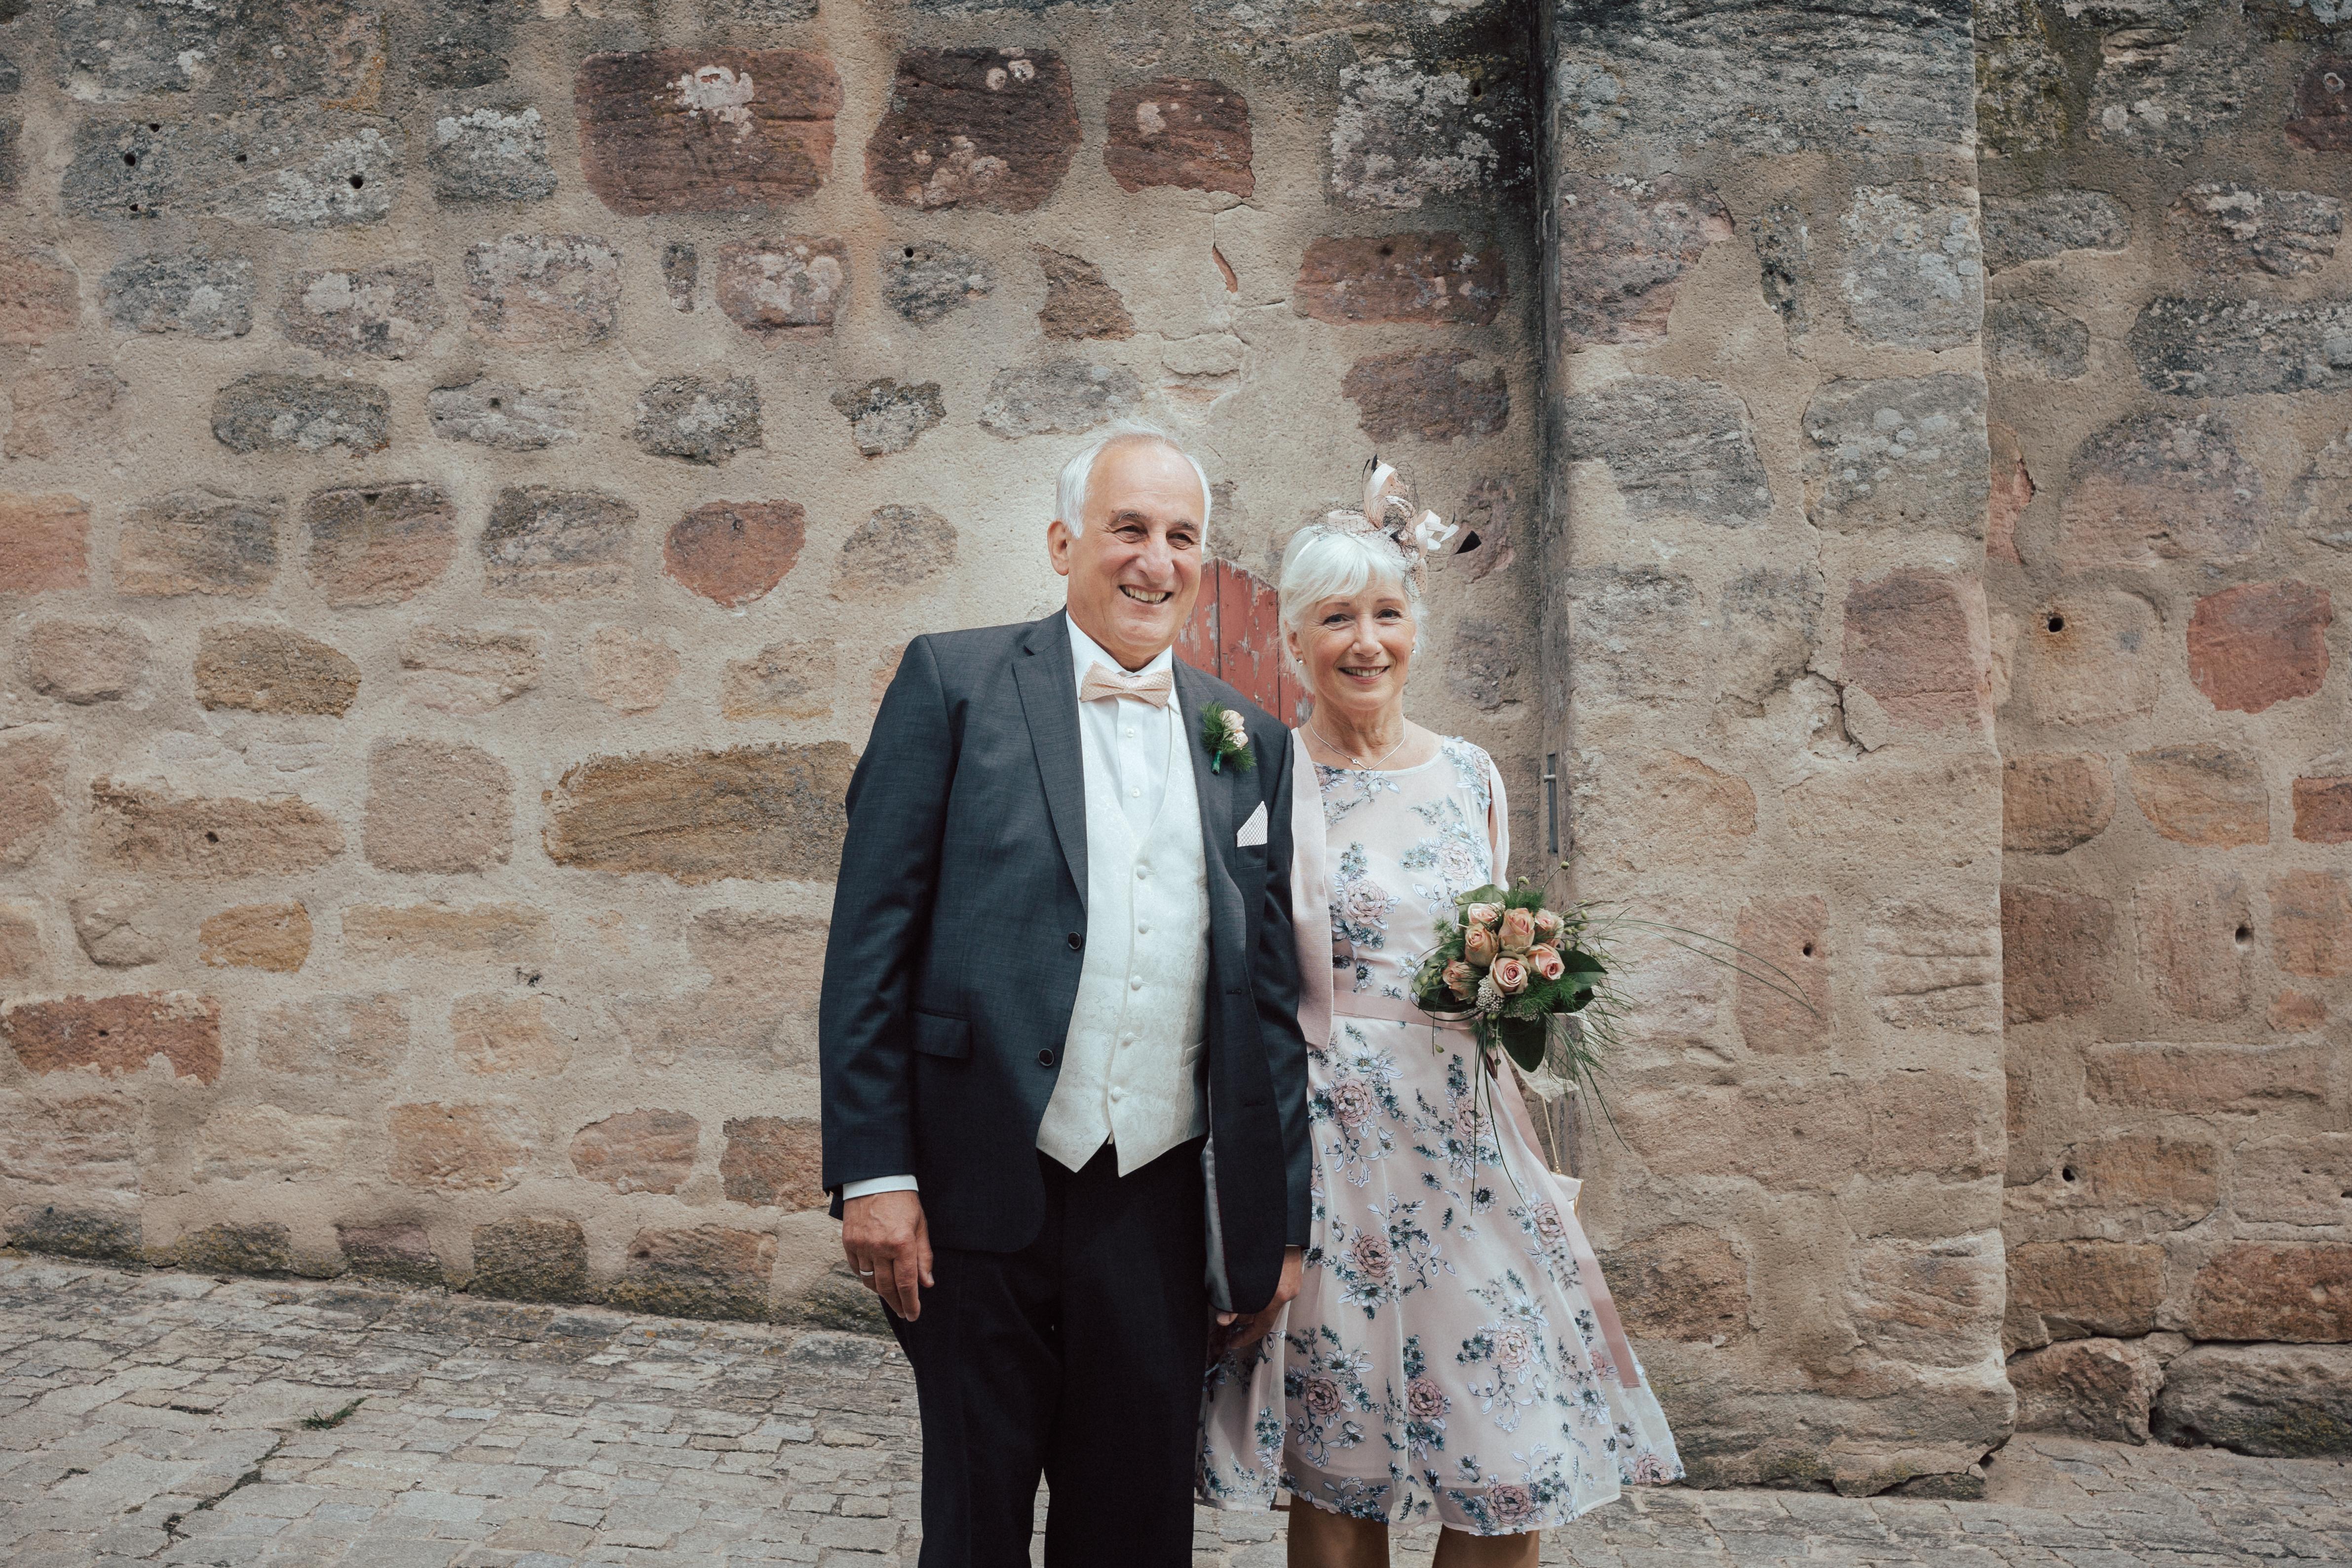 URBANERIE_Hochzeitsfotografin_Nürnberg_Fürth_Erlangen_Schwabach_170513_240024